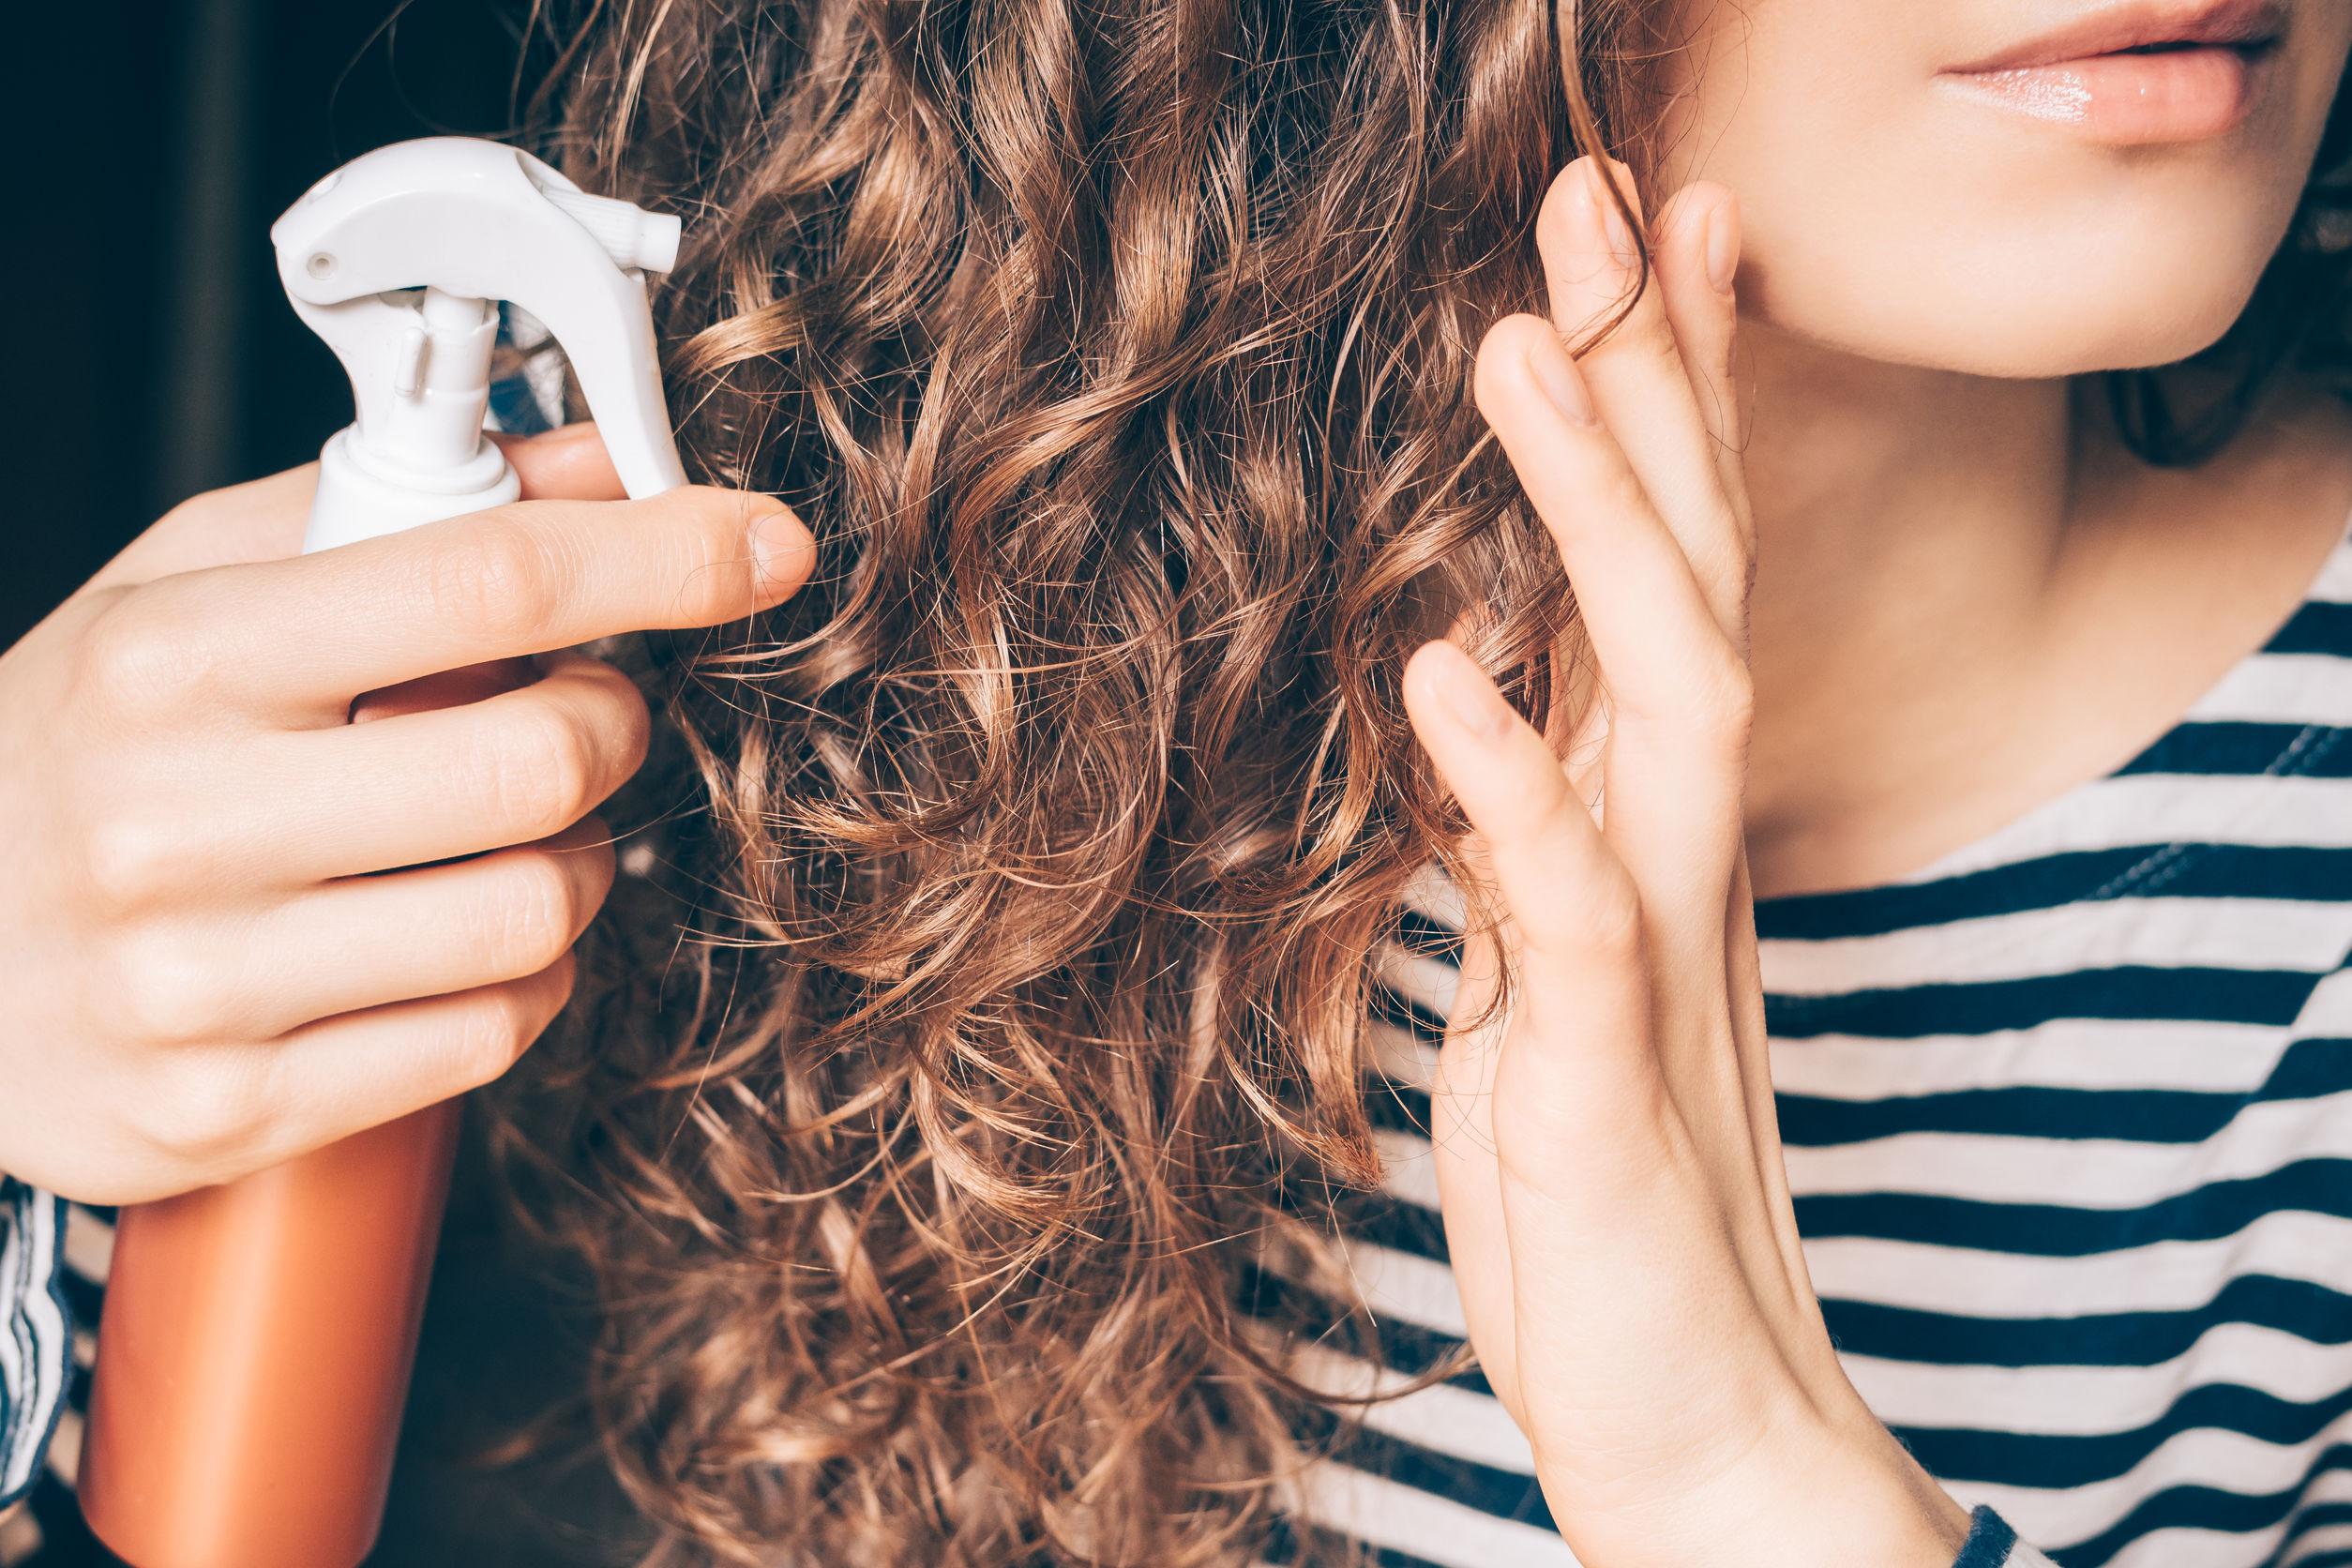 Imagem de uma mulher aplicando queratina líquida no cabelo.